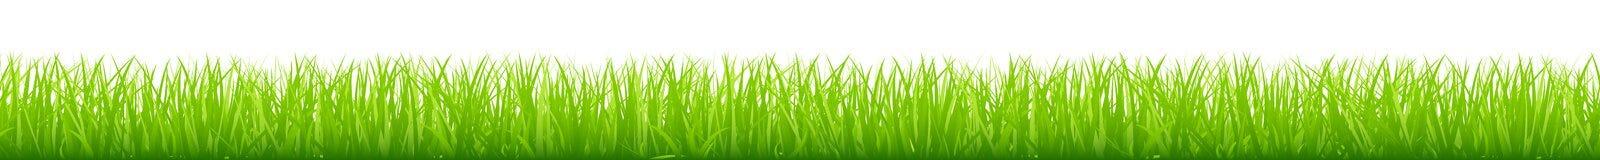 Знамя графического прямого зеленого луга длинное горизонтальное бесплатная иллюстрация